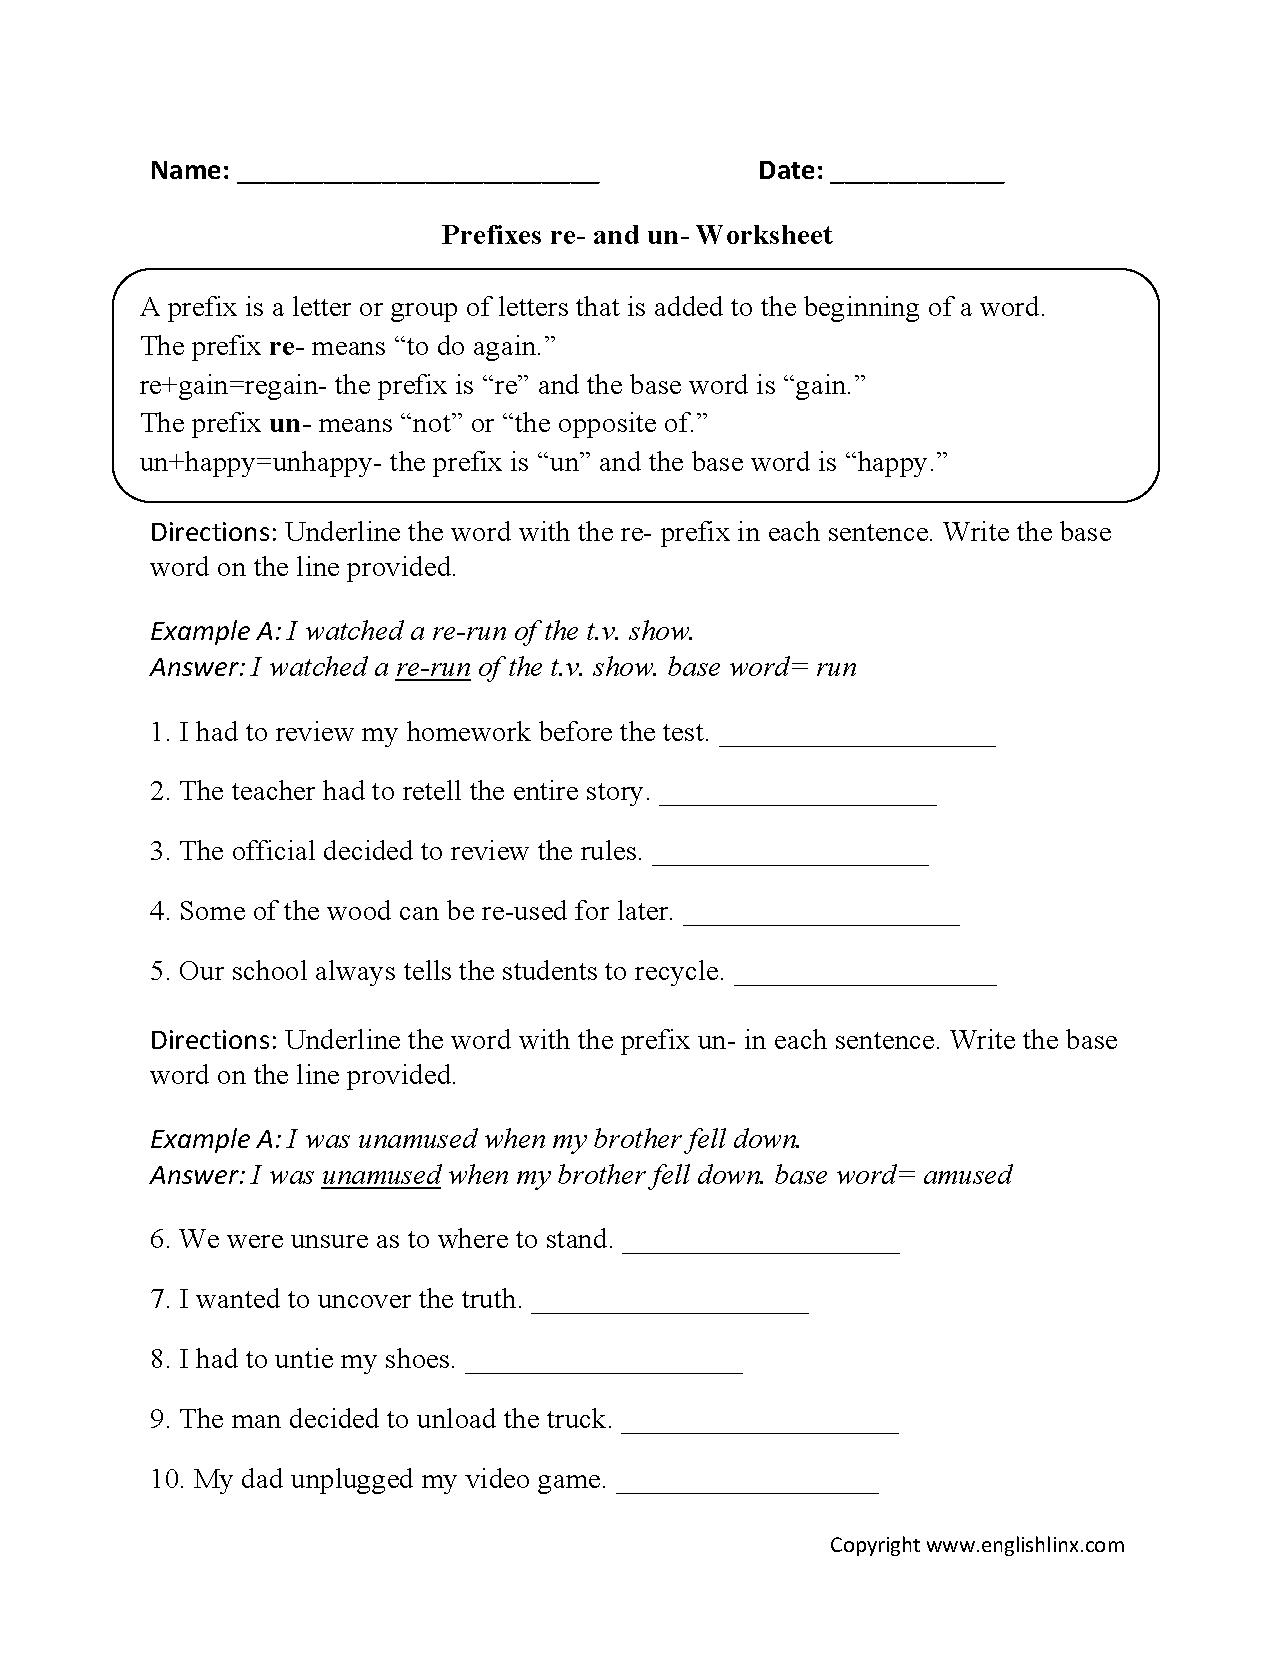 prefixes re and un worksheets prefixes pinterest prefixes worksheets and sentences. Black Bedroom Furniture Sets. Home Design Ideas